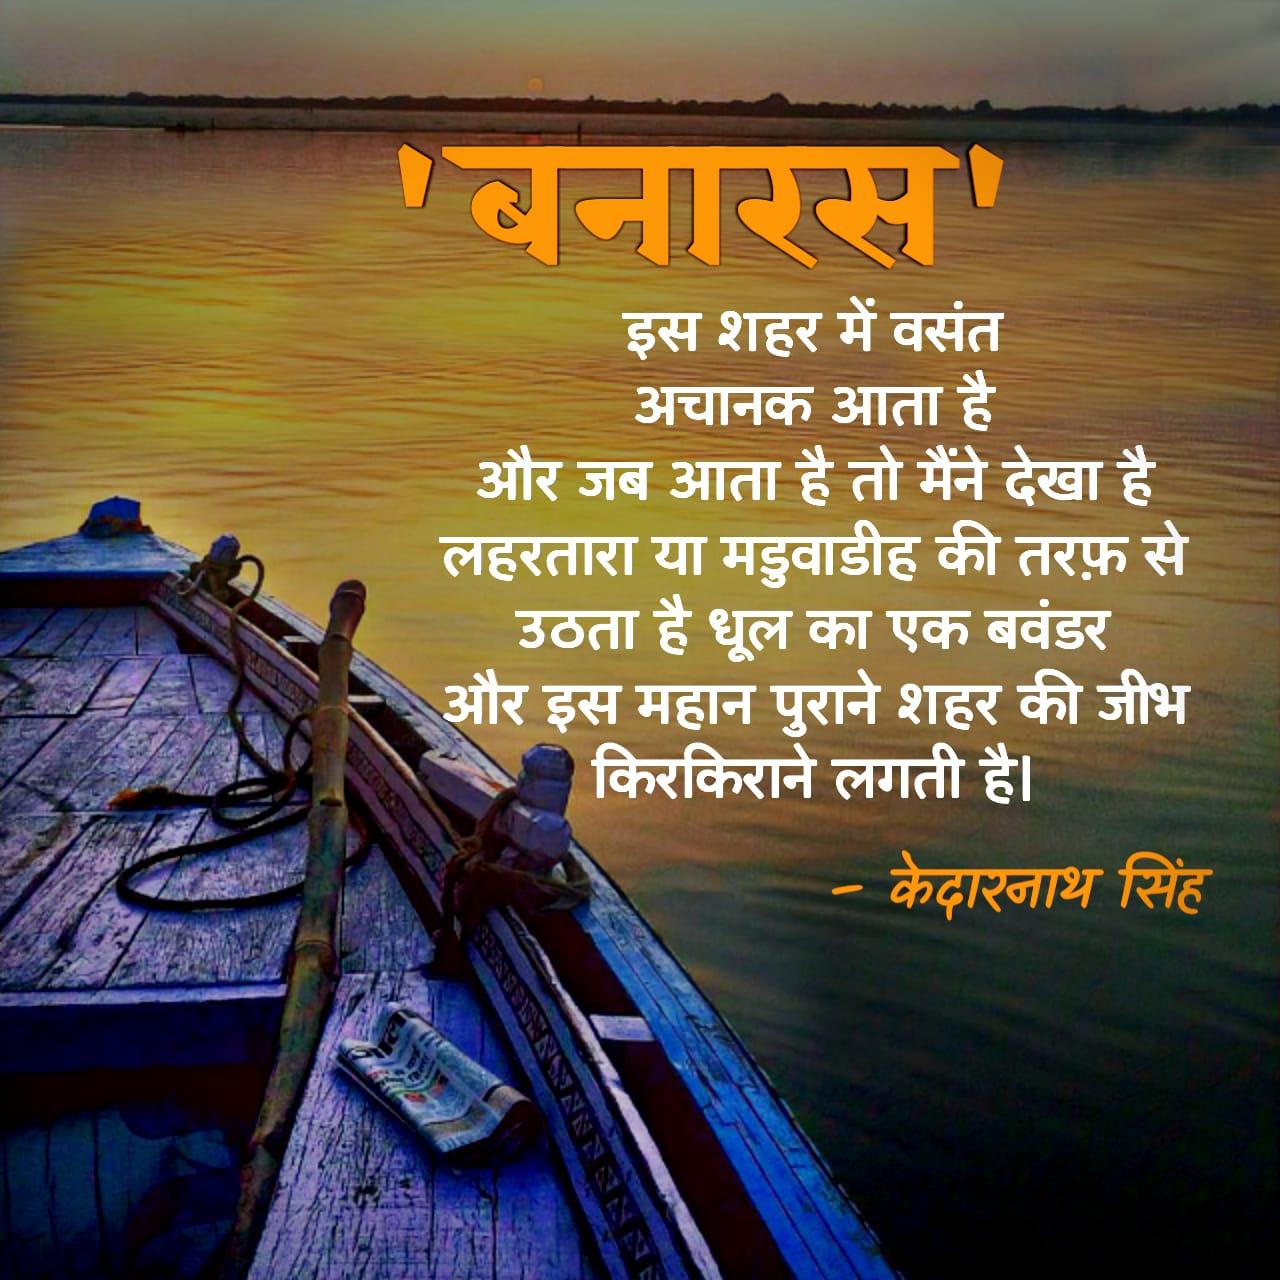 'बनारस' केदारनाथ सिंह जी की चर्चित कविताओं में से एक है। 'यहां से देखो' एक काव्य संग्रह केदारनाथ जी द्वारा लिखी गई है जिसमें सम्मिलित कविताओं में से यह एक कविता 'बनारस' भी है।